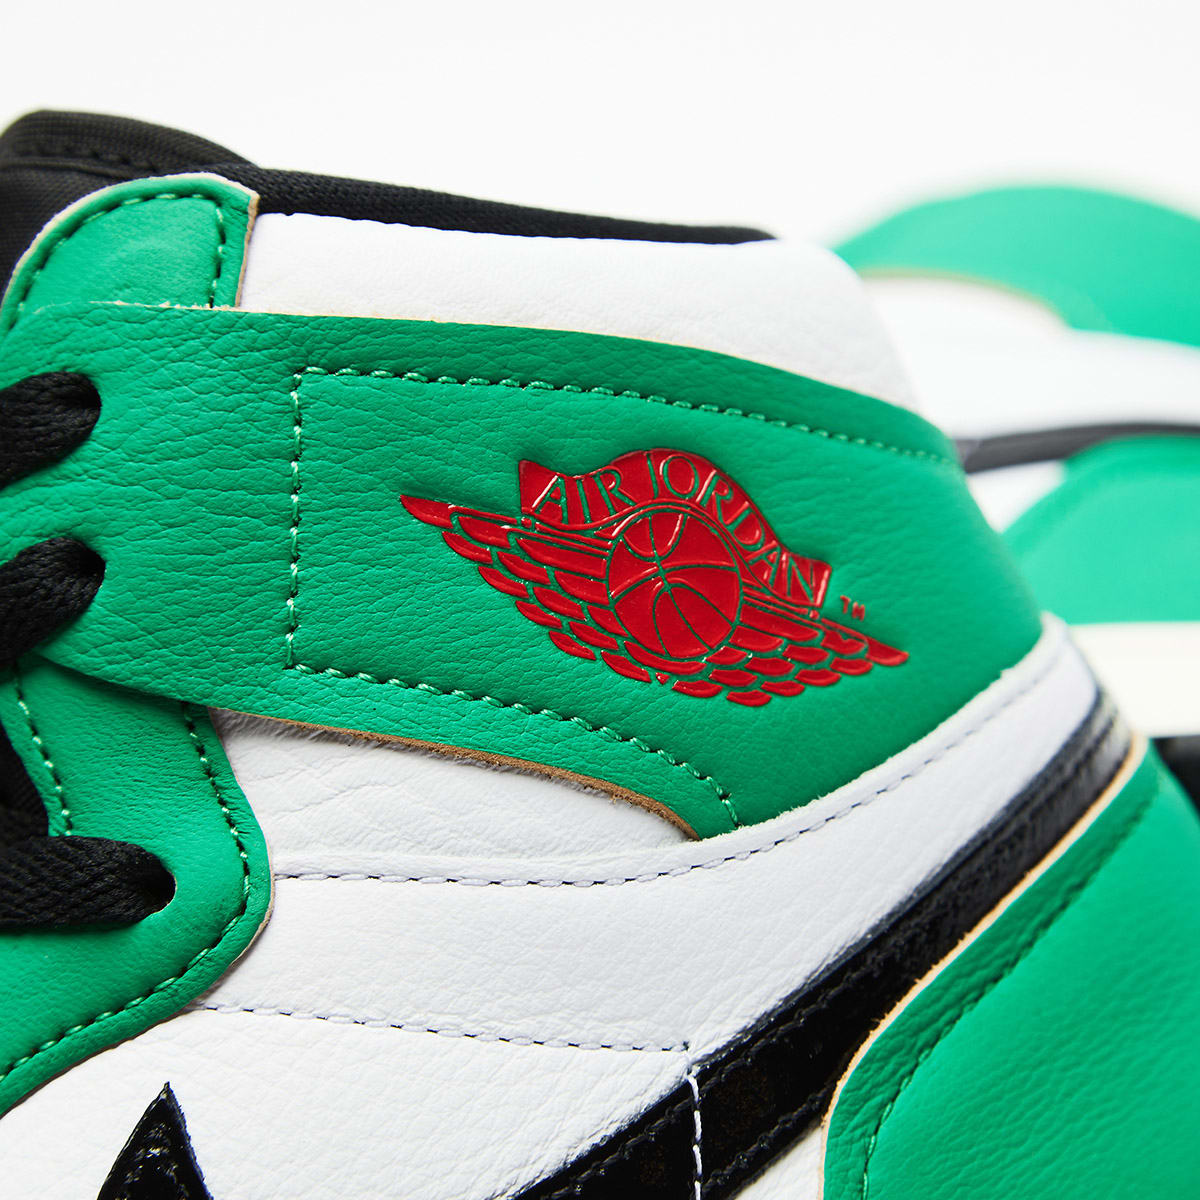 Air Jordan 1 Hi OG W - DB4612-300